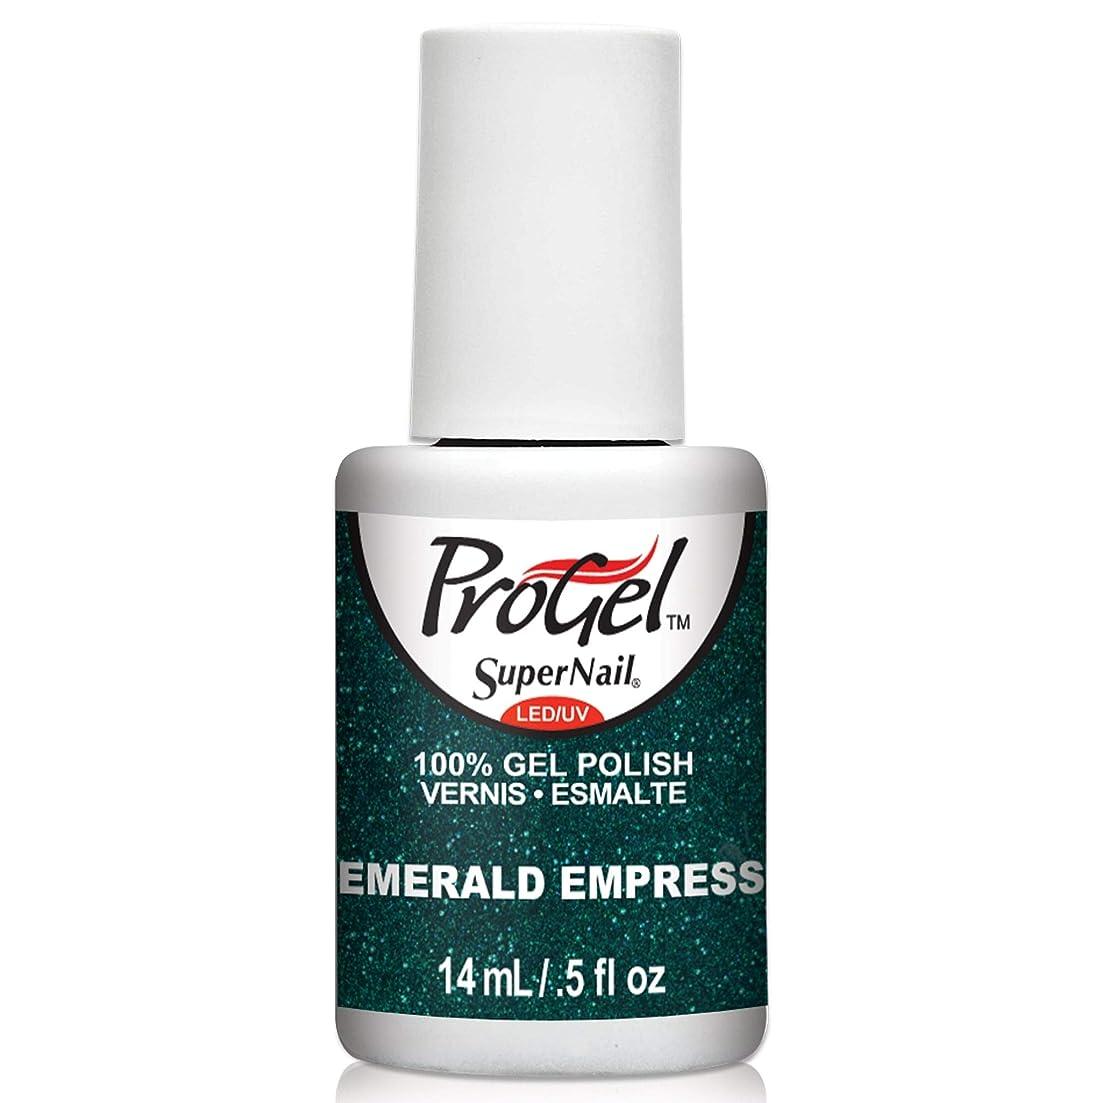 絶え間ない食欲荒涼としたSuperNail ProGel Gel Polish - Emerald Empress - 0.5oz/14ml